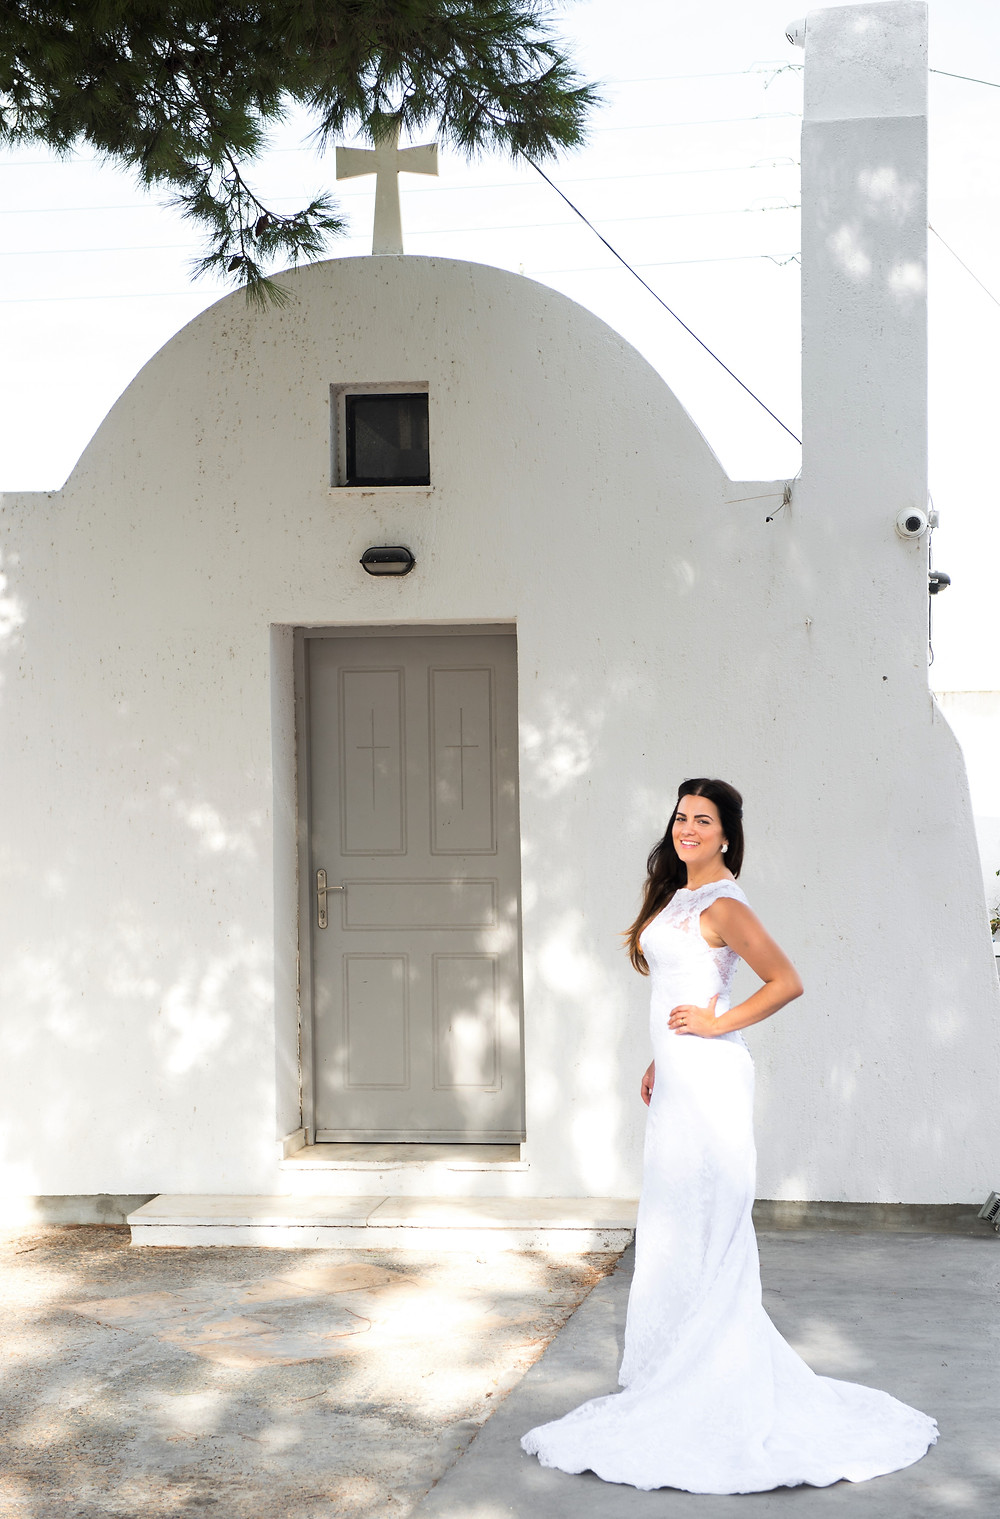 Fotos de Ben Rigas - Casamento em Santorini ensaio de noiva em Santorini